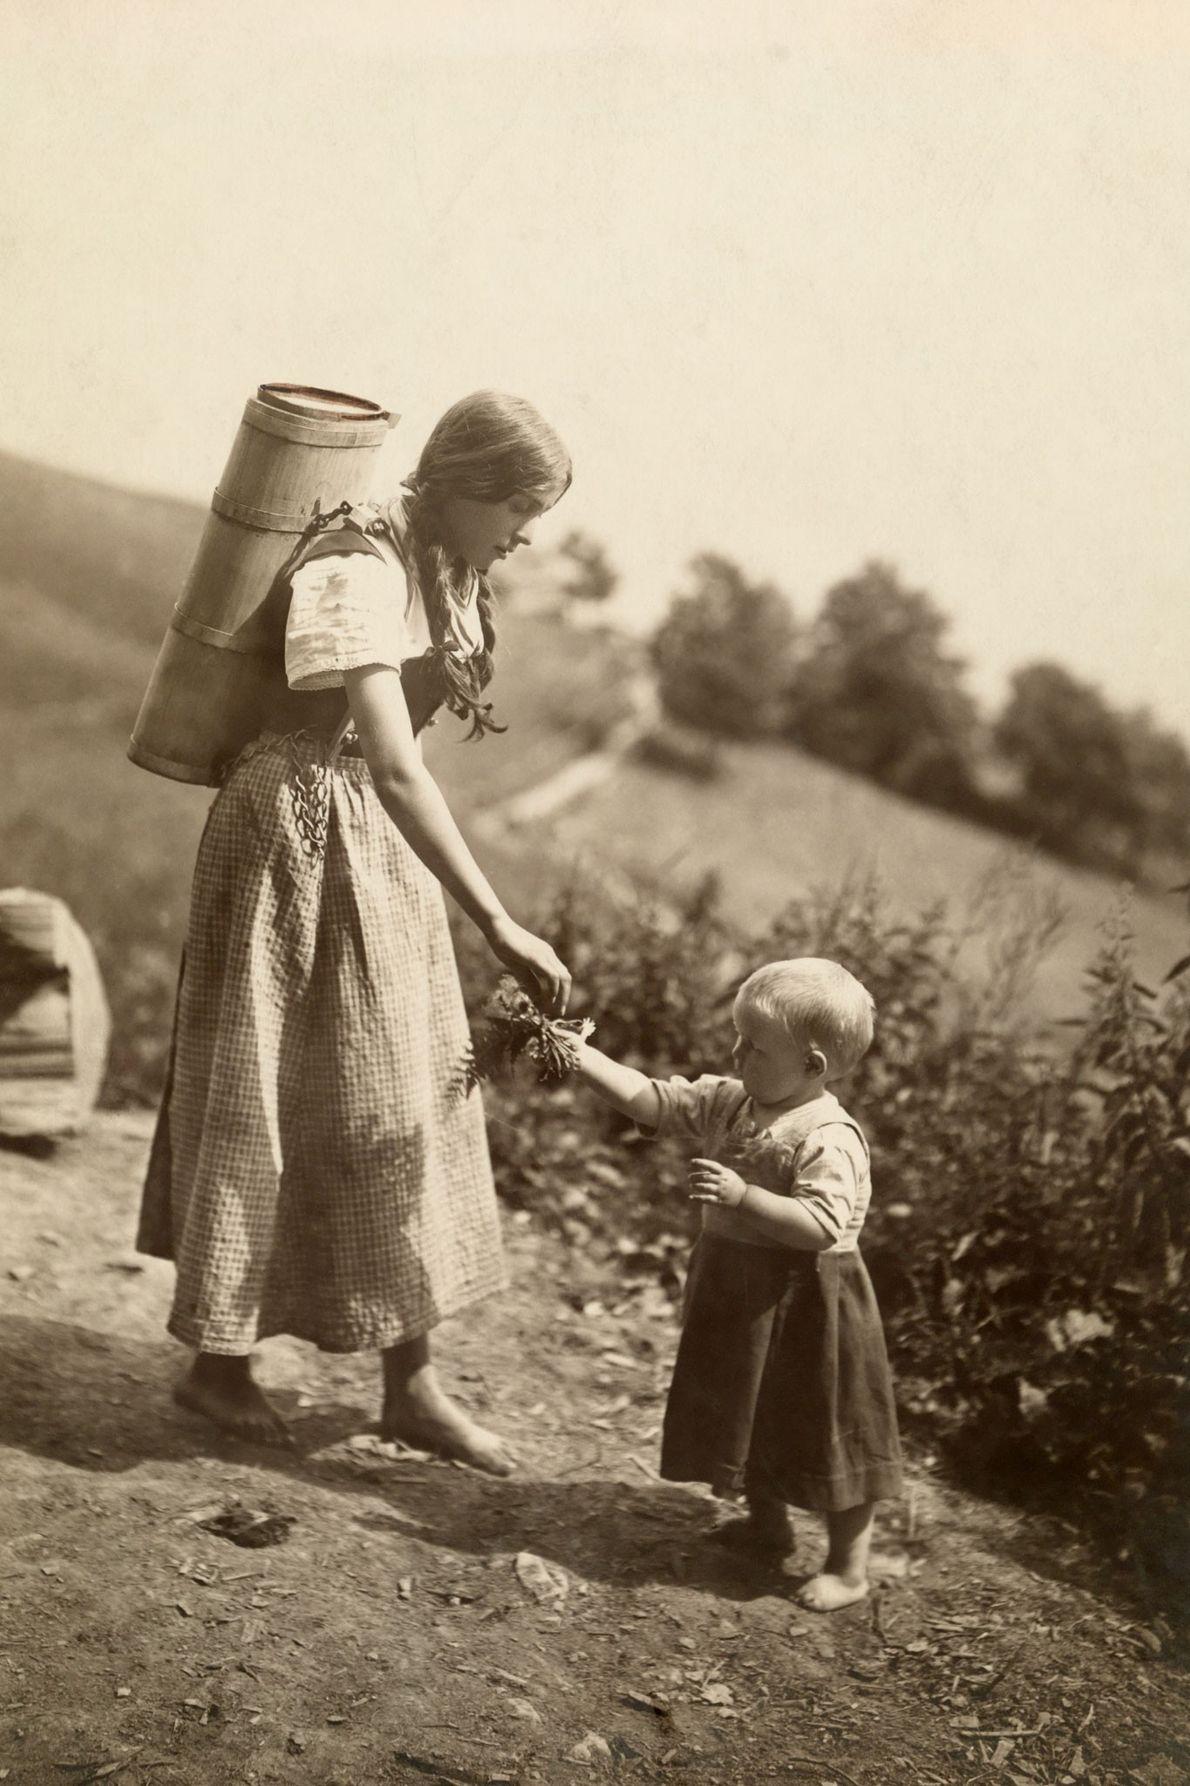 Uma mãe suíça indo ao encontro da mão de sua filha, que está cheia de flores.